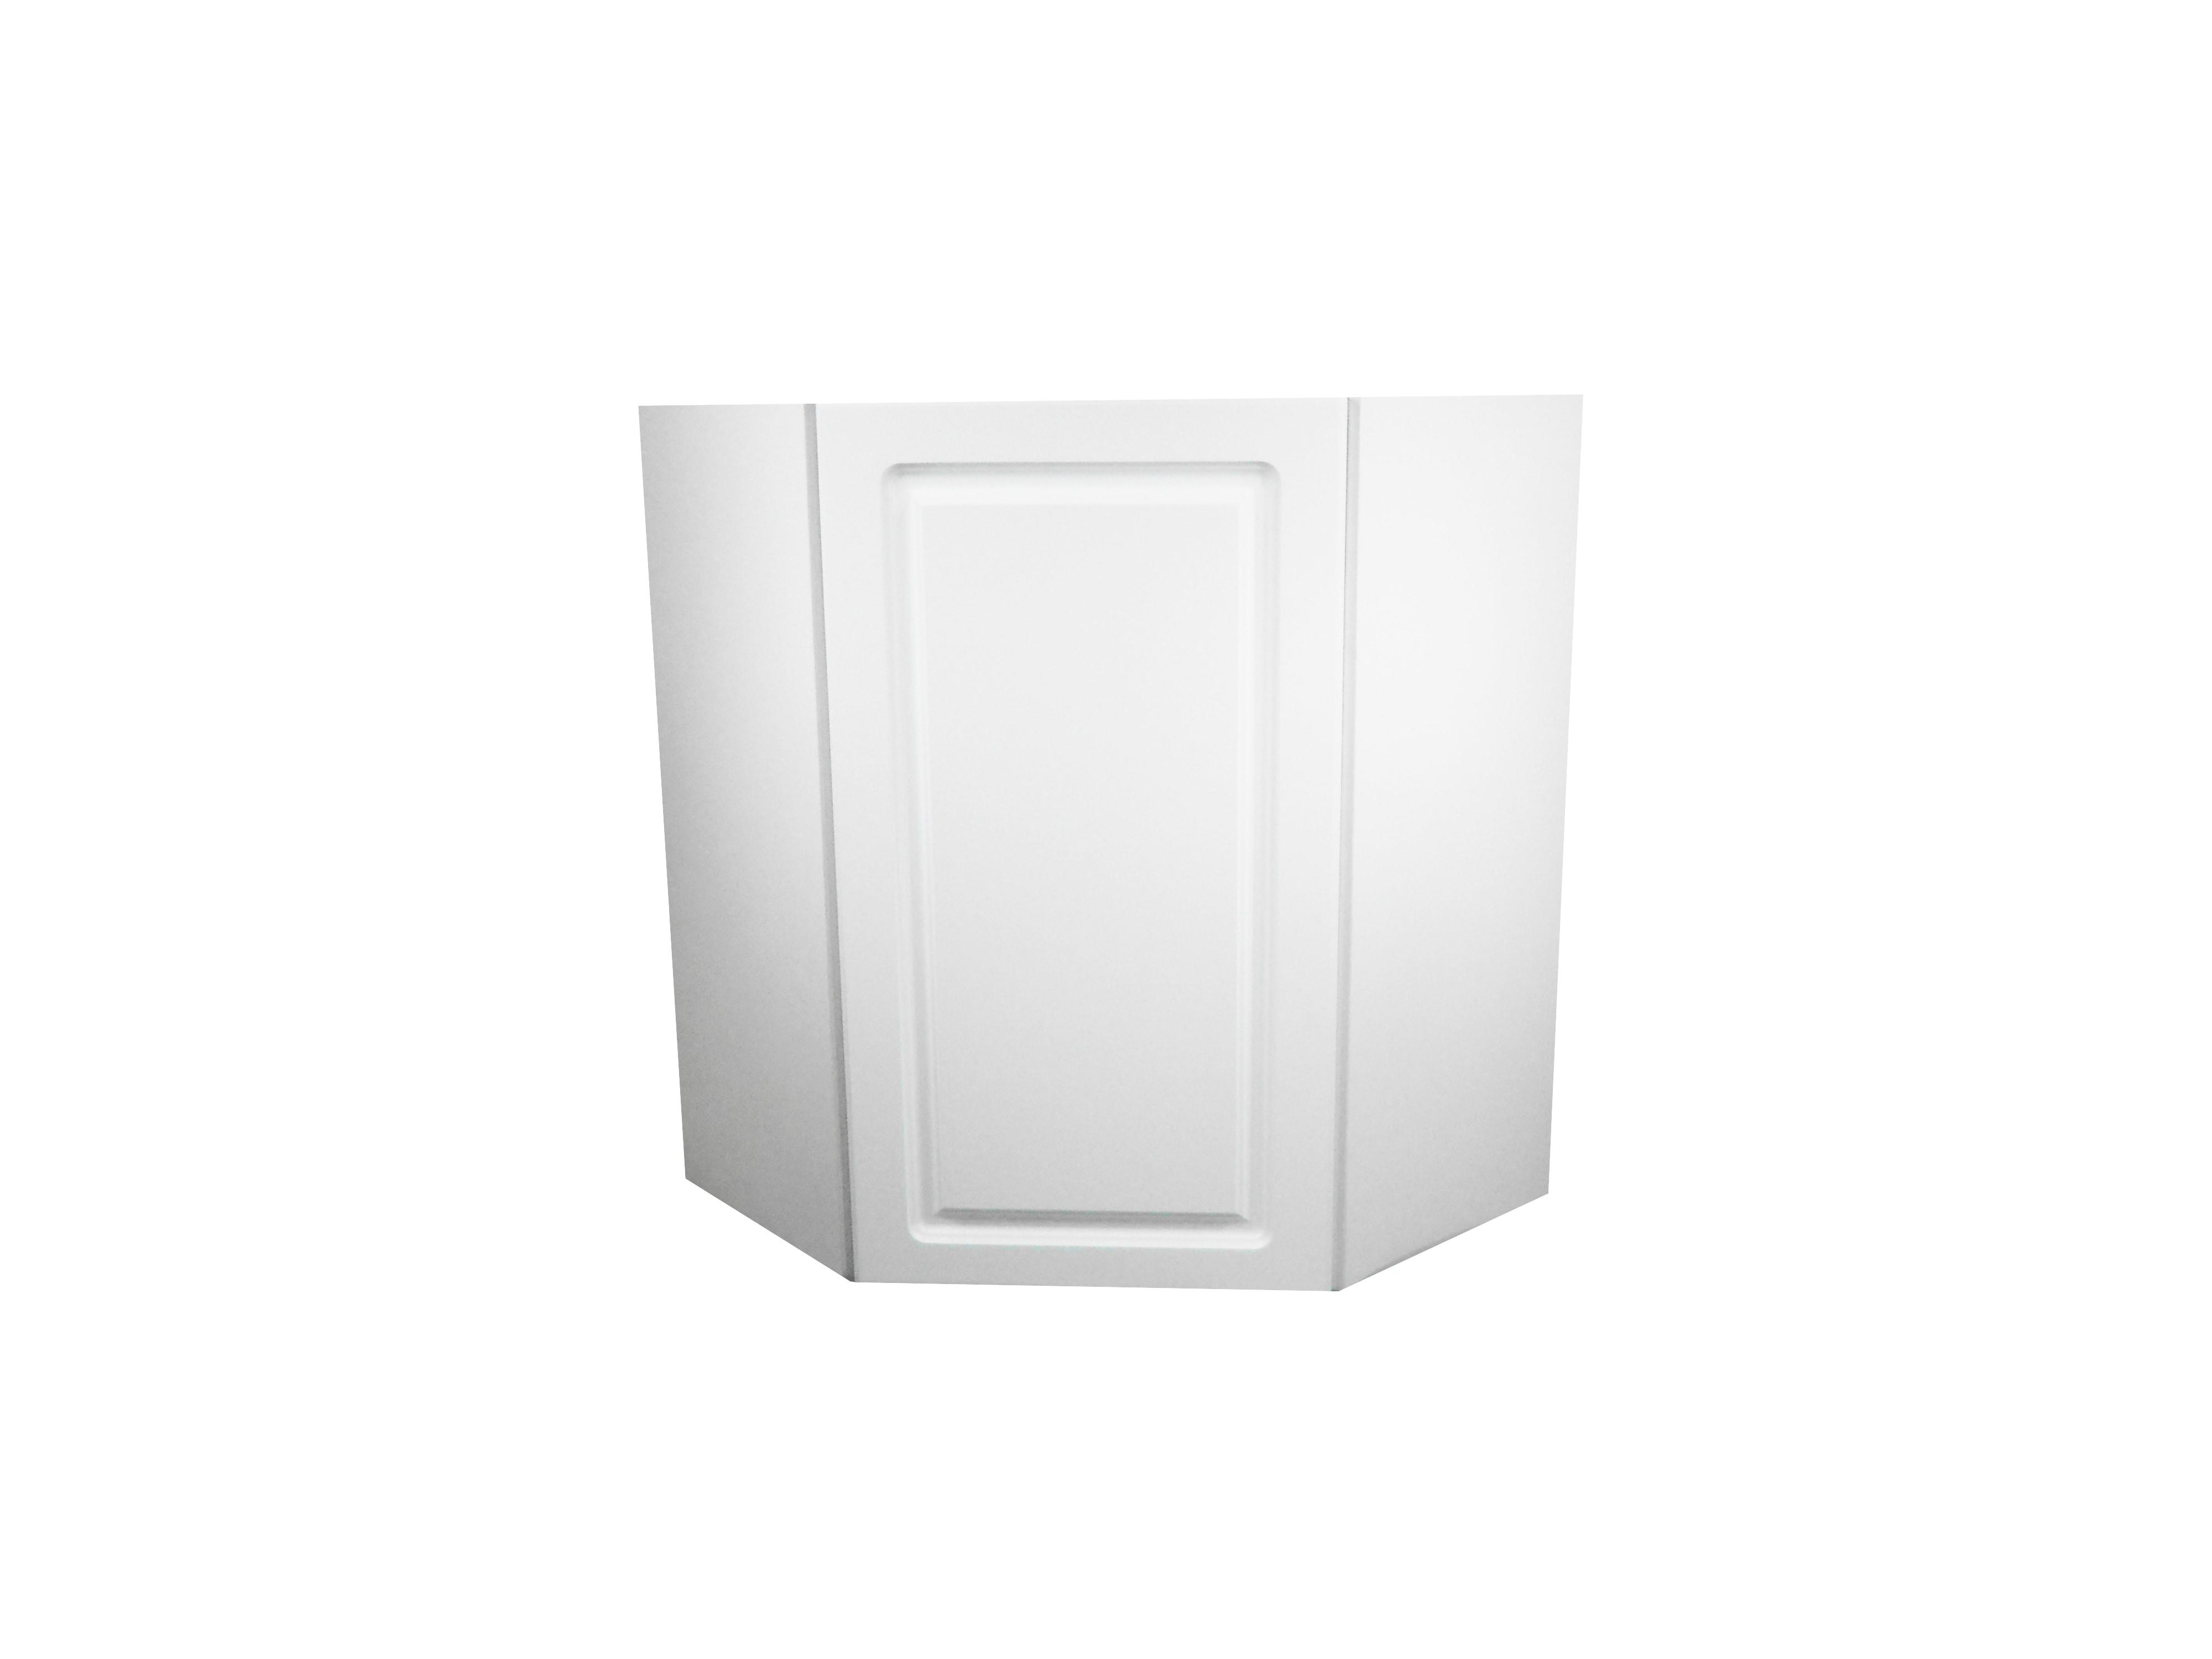 Corner Wall Cabinet / San Juan / Raised Panel White / 24x24x30 San Juan 0